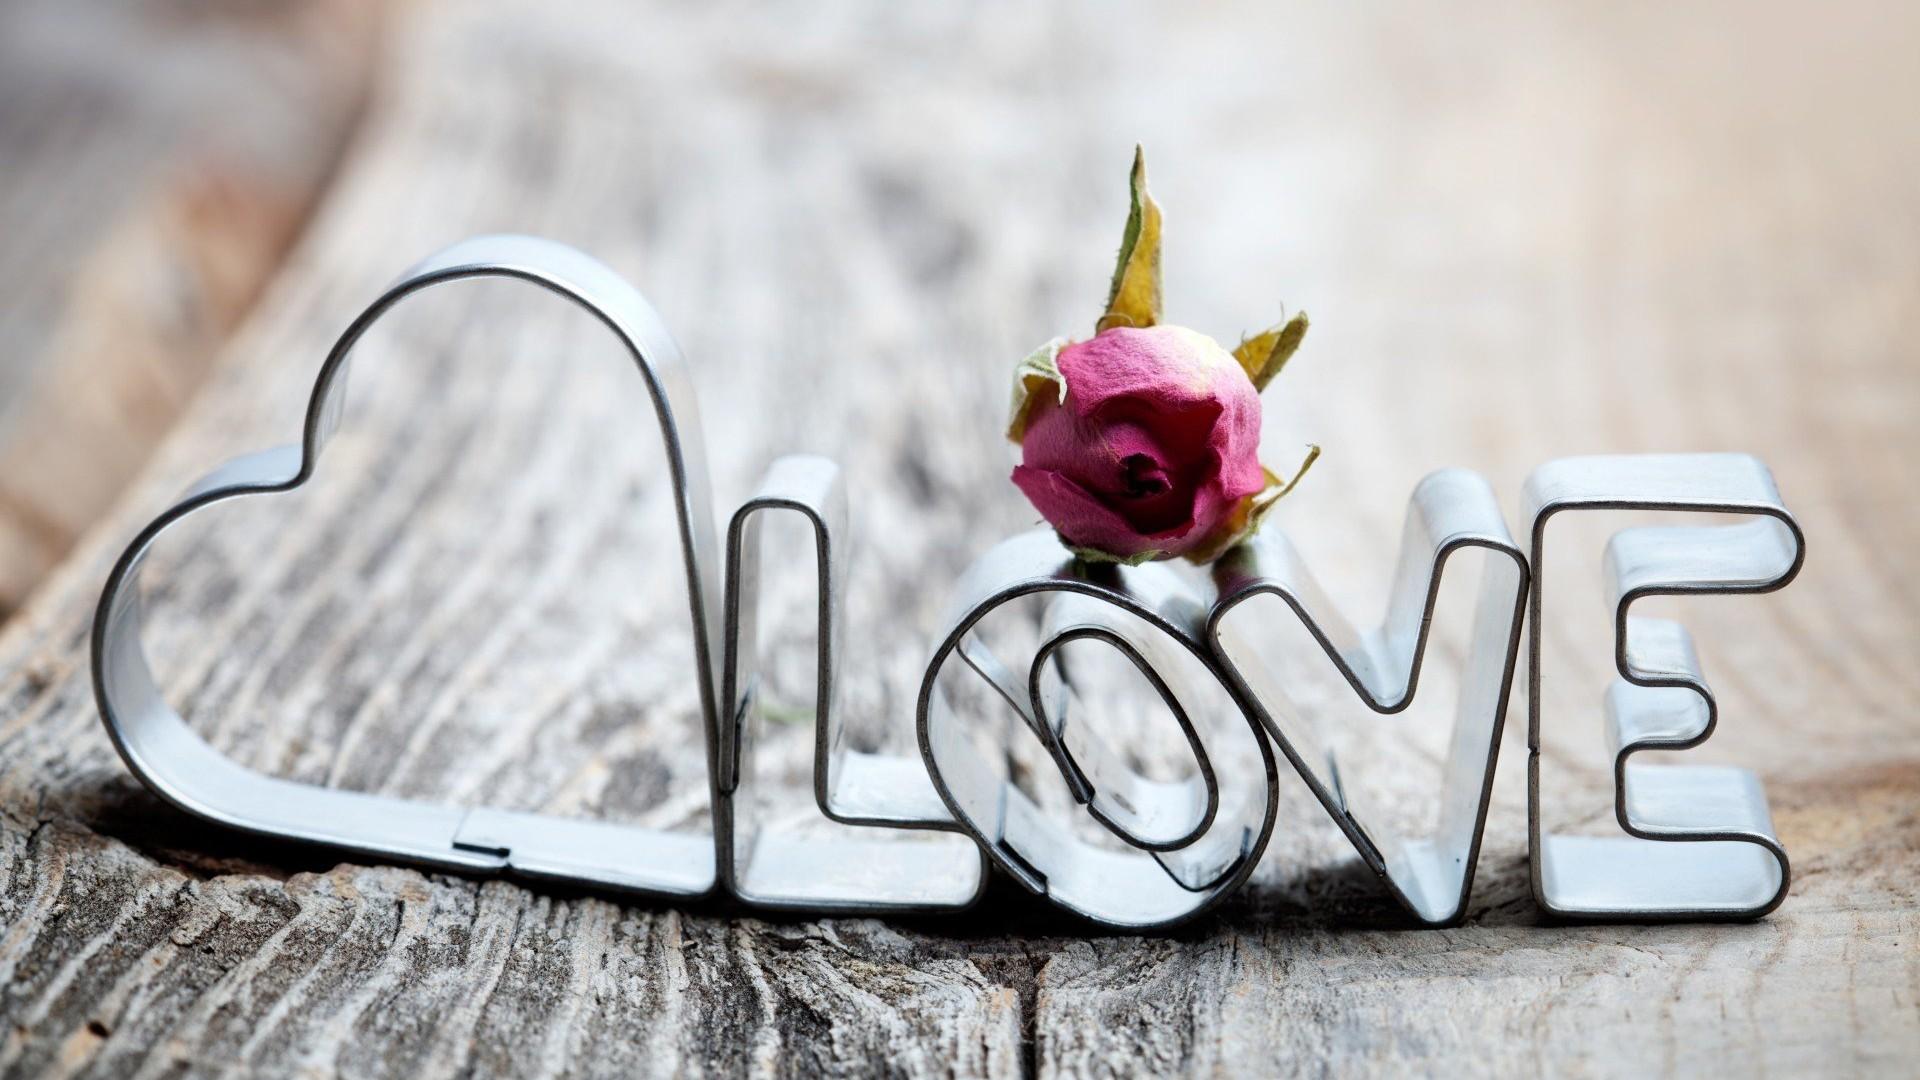 Hình nền tình yêu độc đáo nhất